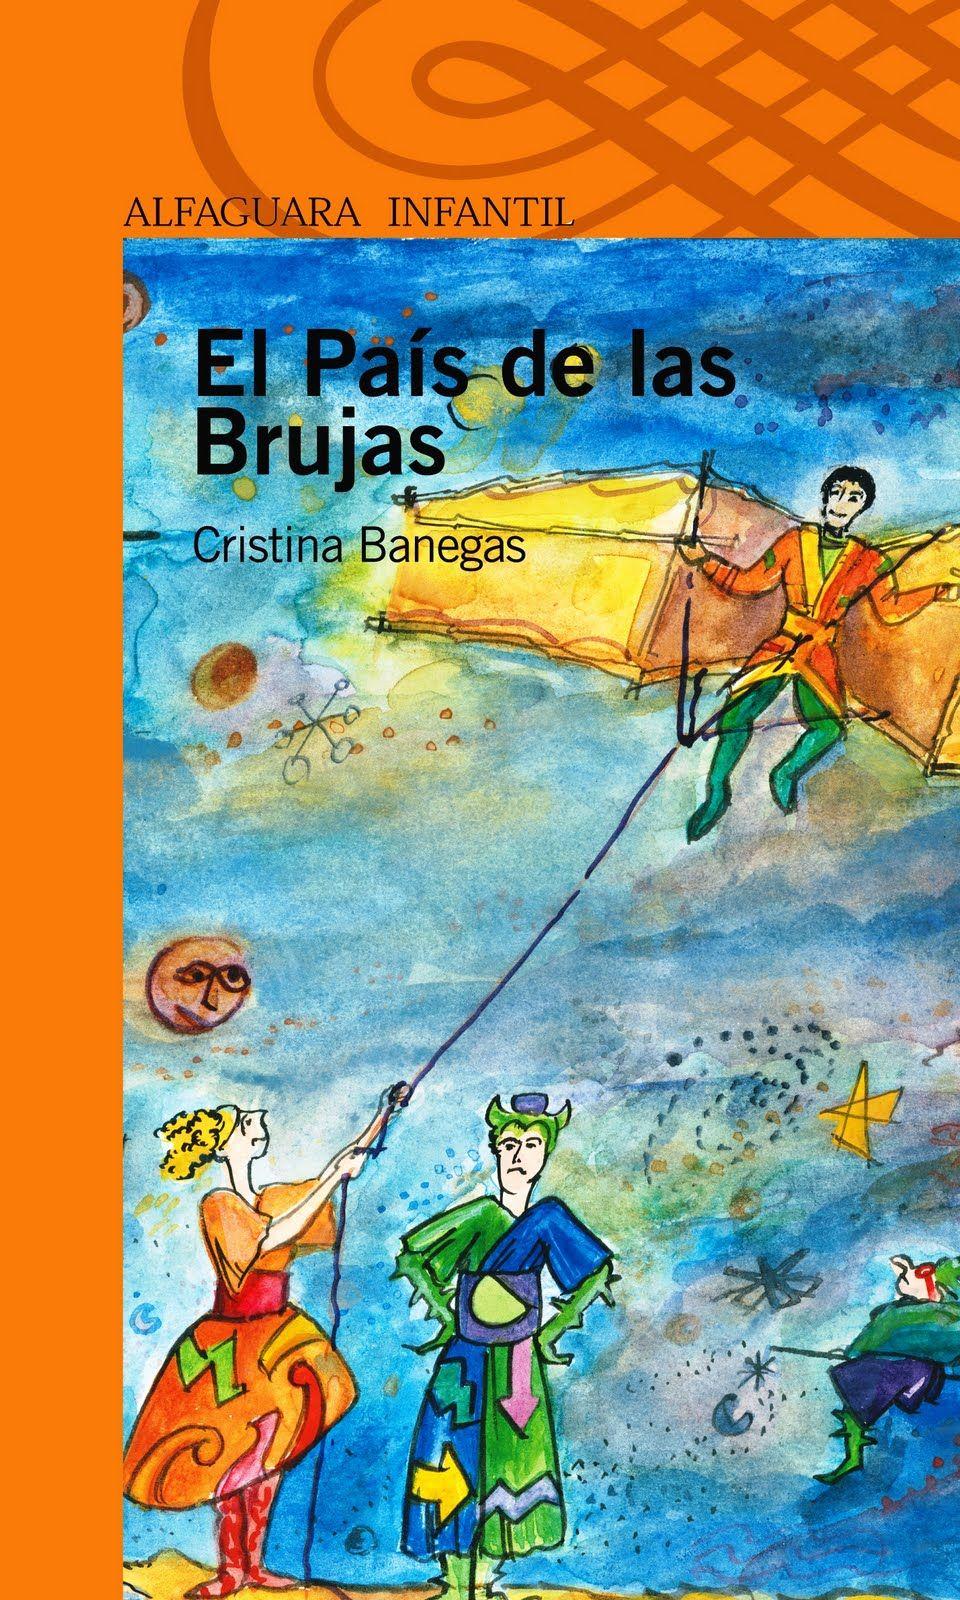 El País De Las Brujas Ebook Cristina Banegas Descargar El Ebook Libros En Línea Libros Tienda De Libros Online